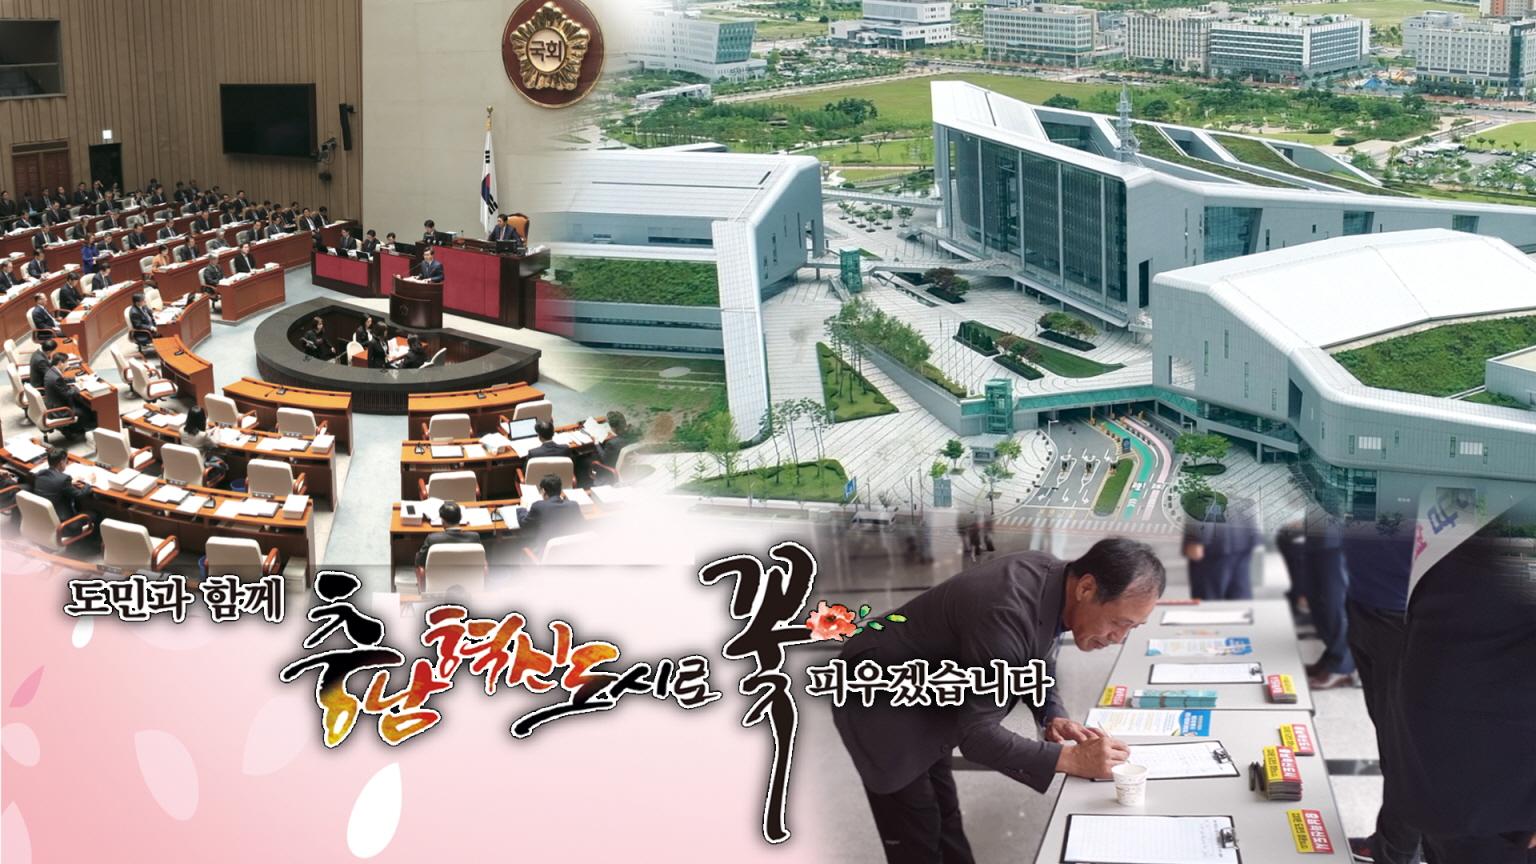 [NEWS] 충청남도 국가균형발전법 통과